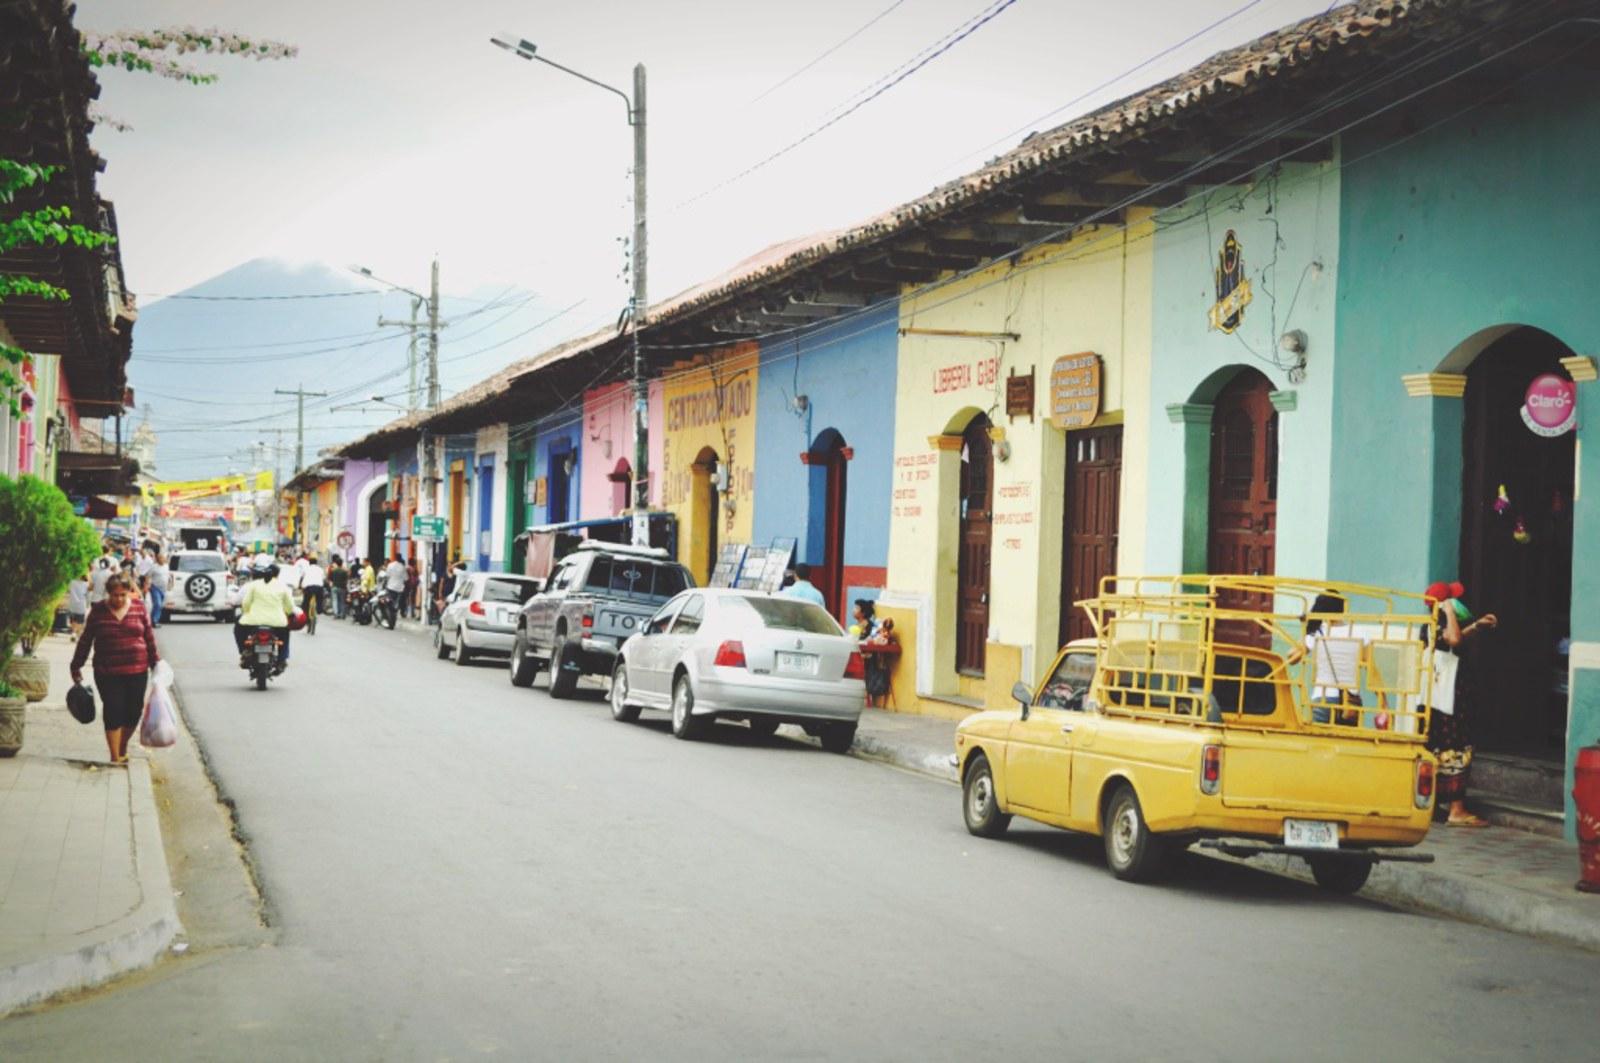 couleurs-de-granada-nicaragua-1456343329.jpg